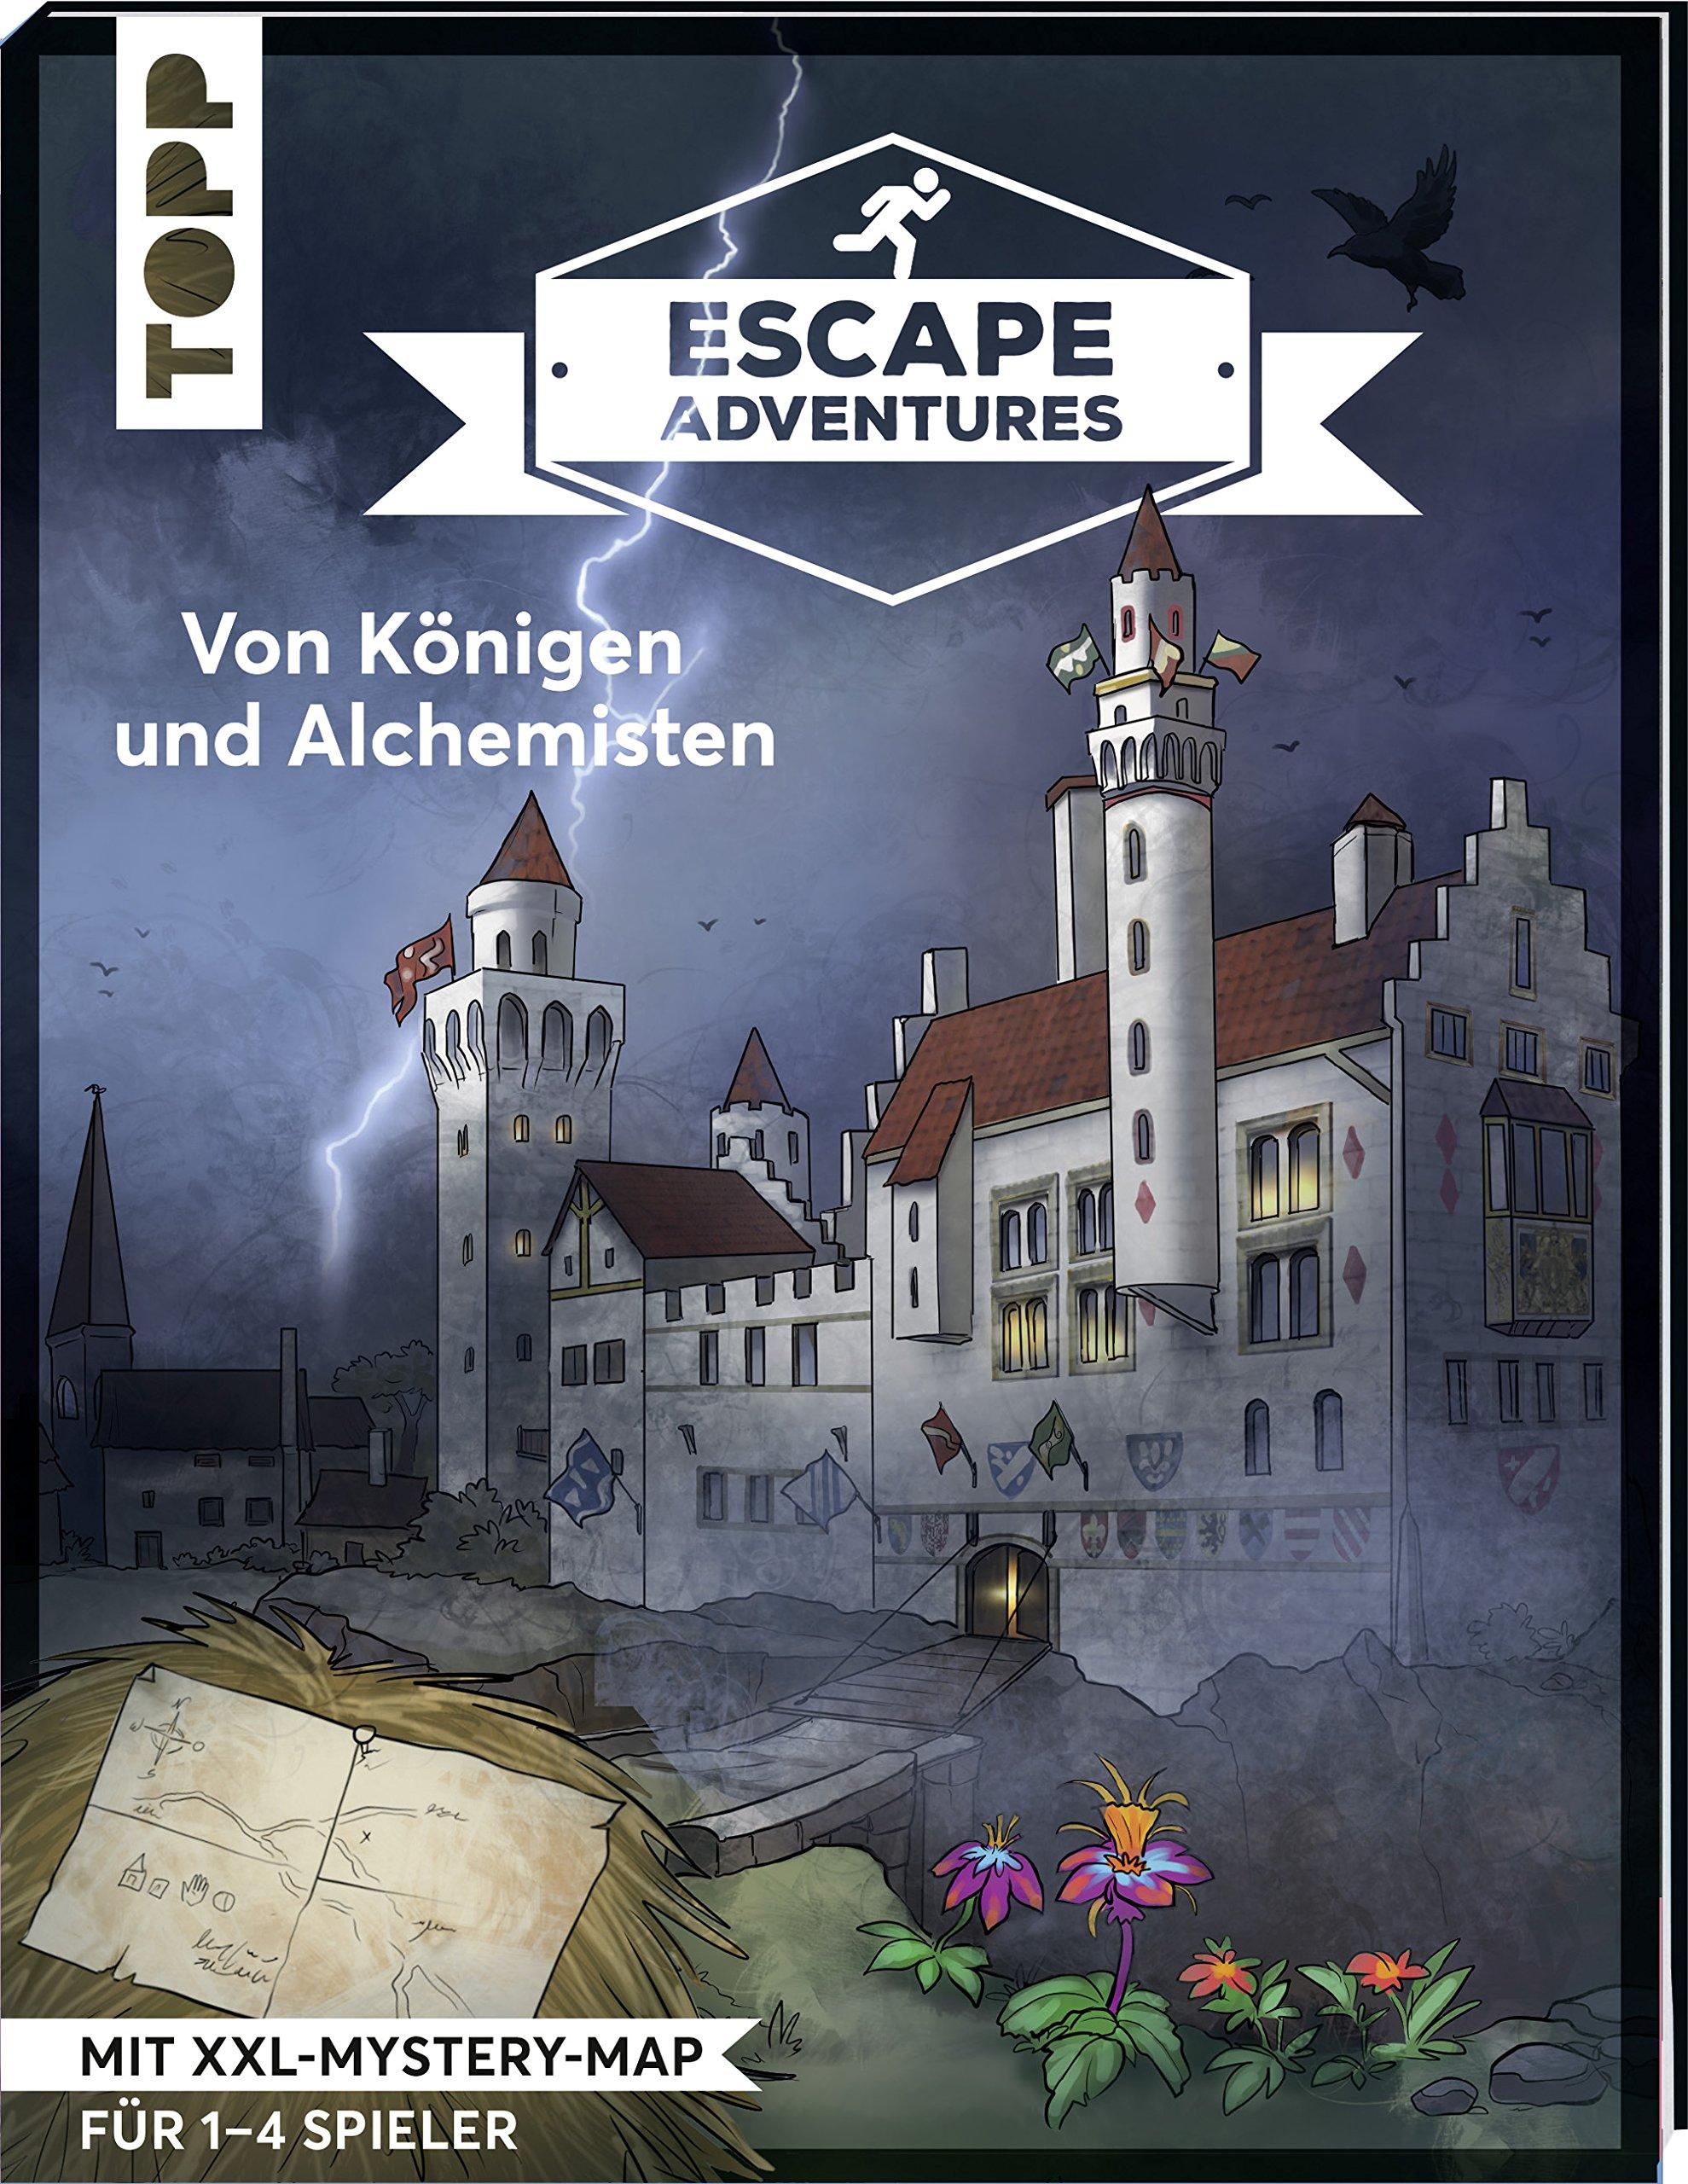 Escape Adventures – Von Königen und Alchemisten: Das ultimative Escape-Room-Erlebnis jetzt auch als Buch! Mit XXL-Mystery-Map für 1-4 Spieler. 90 Minuten Spielzeit